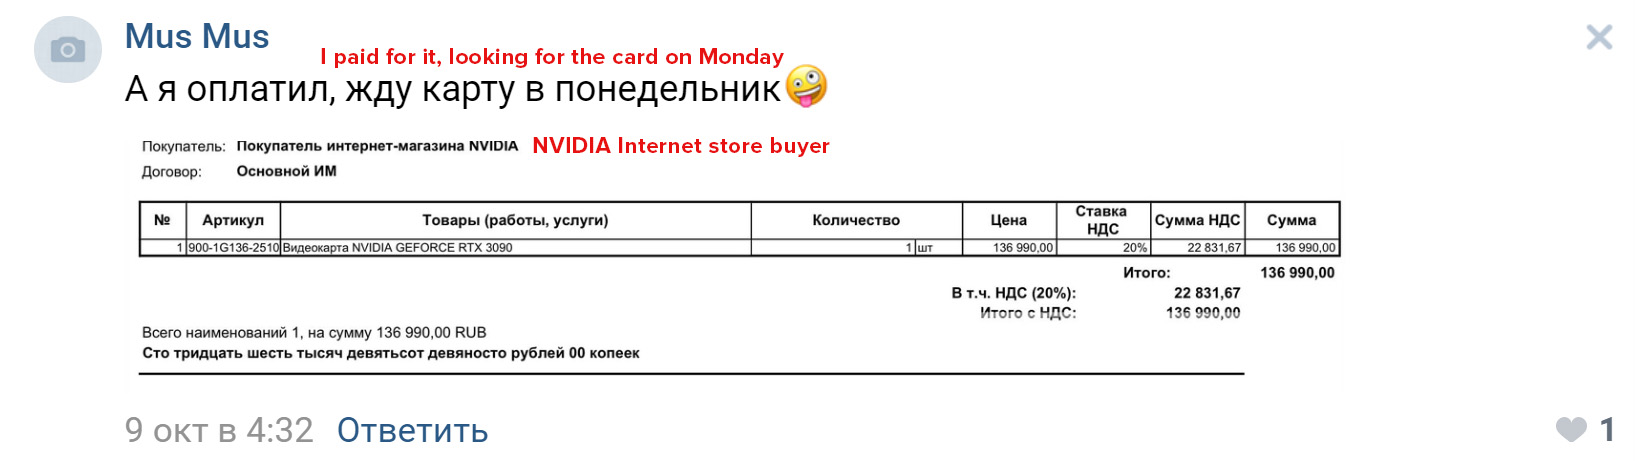 """Российский офис NVIDIA заподозрили в продаже видеокарт RTX 30 по """"блату"""""""